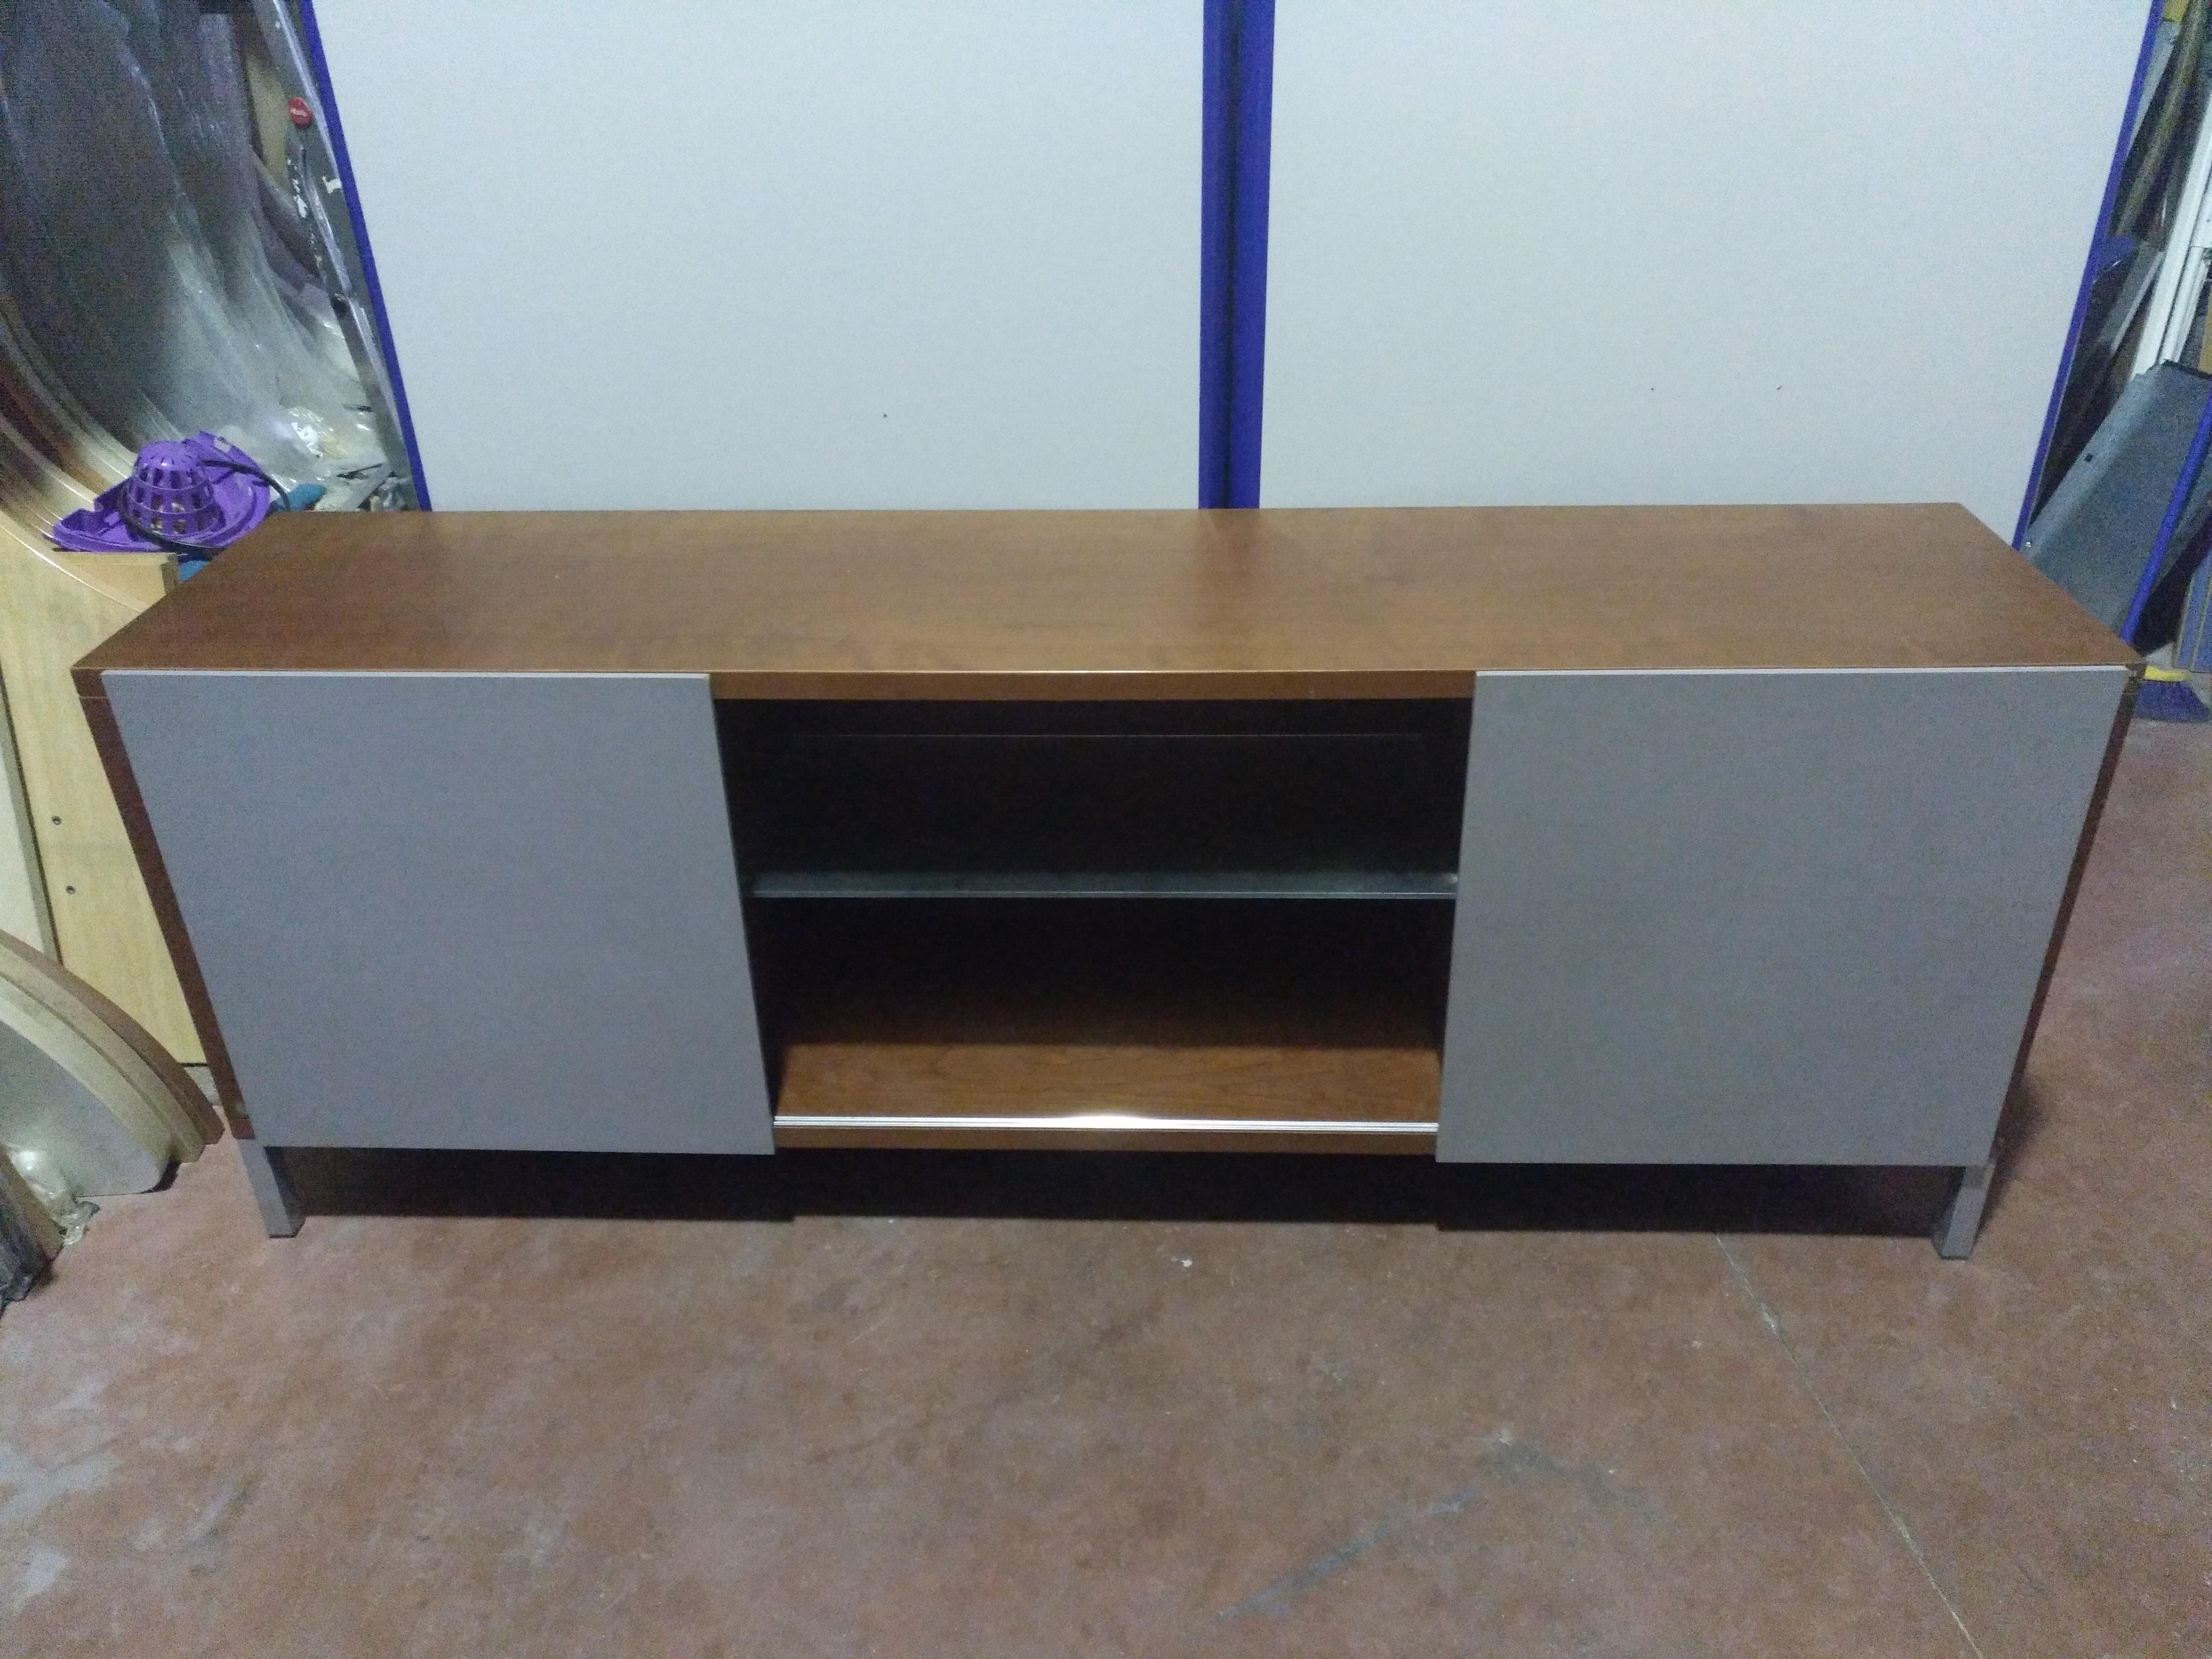 Credenza Con Puertas De Cristal : Armario credenza. mobiliario de oficina nuevo y usado en madrid